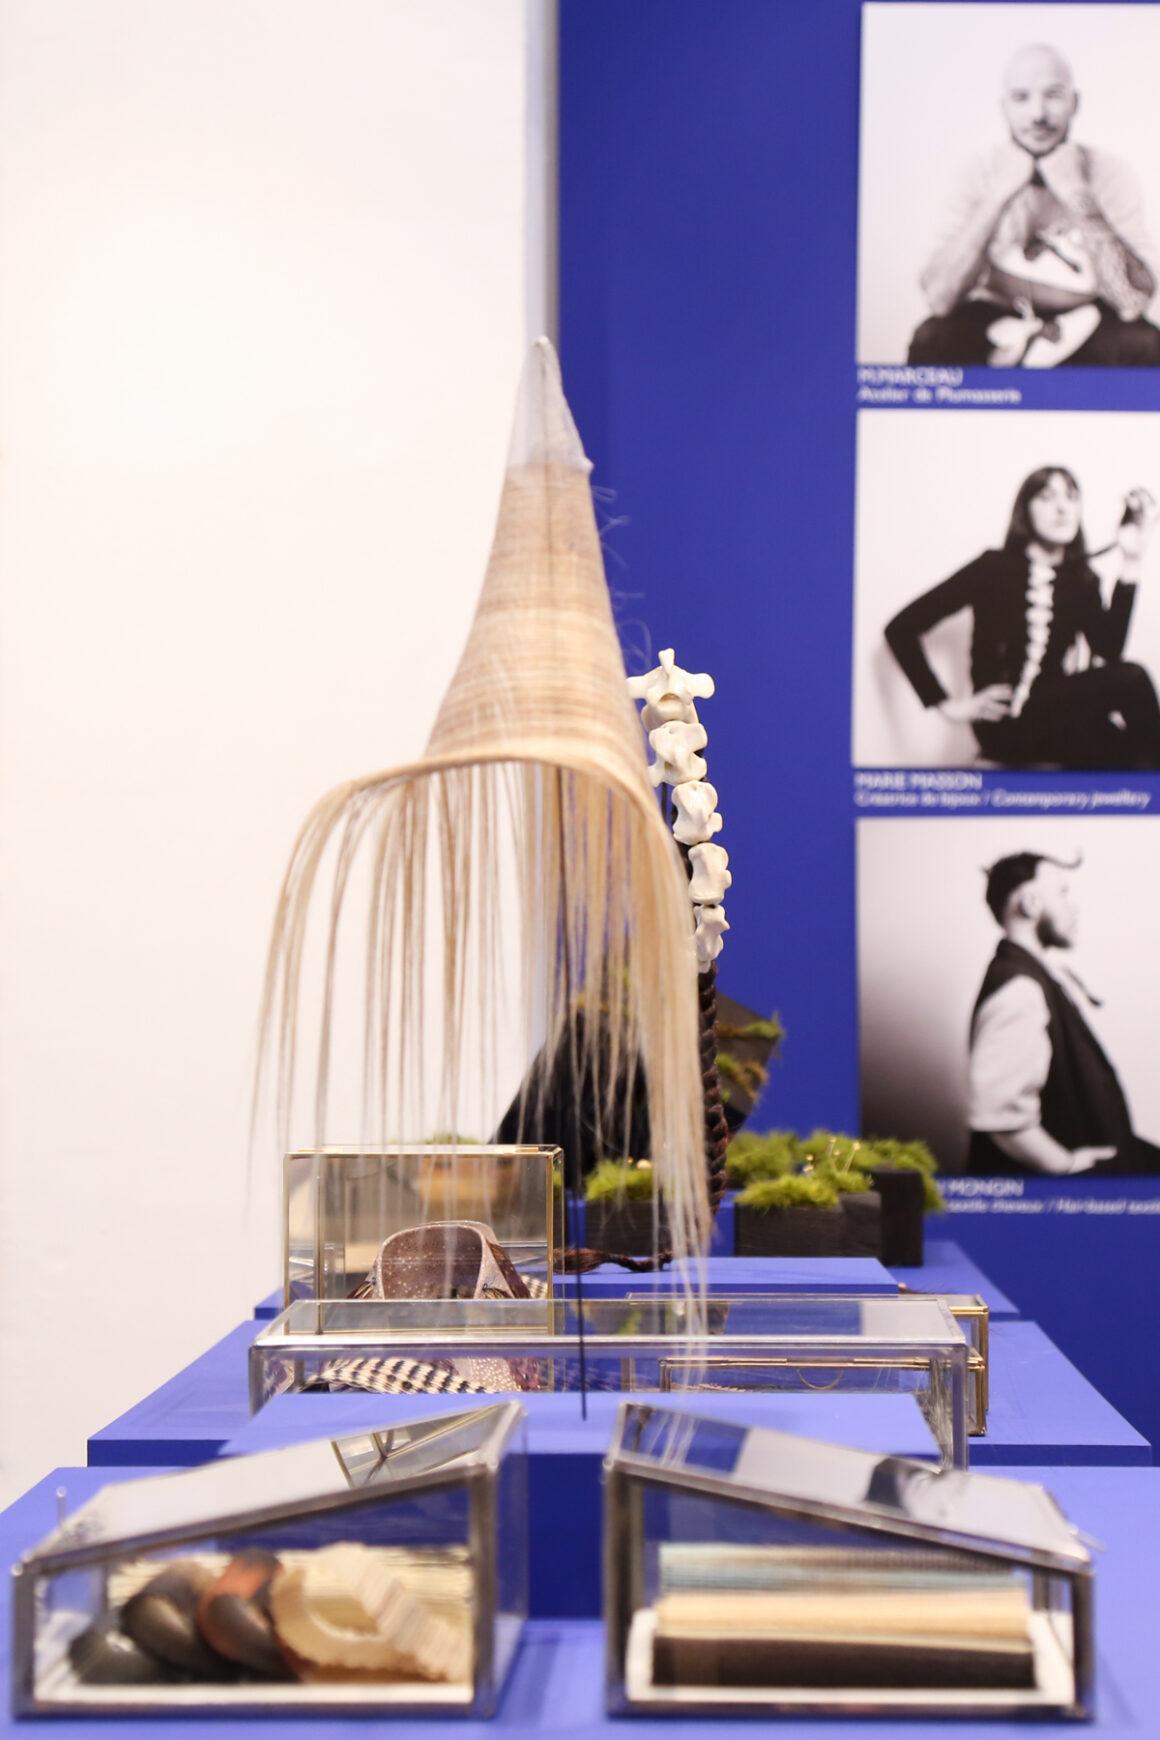 Découvrez le travail des trois lauréats du Prix de la Jeune Création Métiers d'Art 2017 dans l'exposition qui leur est dédiée chez EMPREINTES.